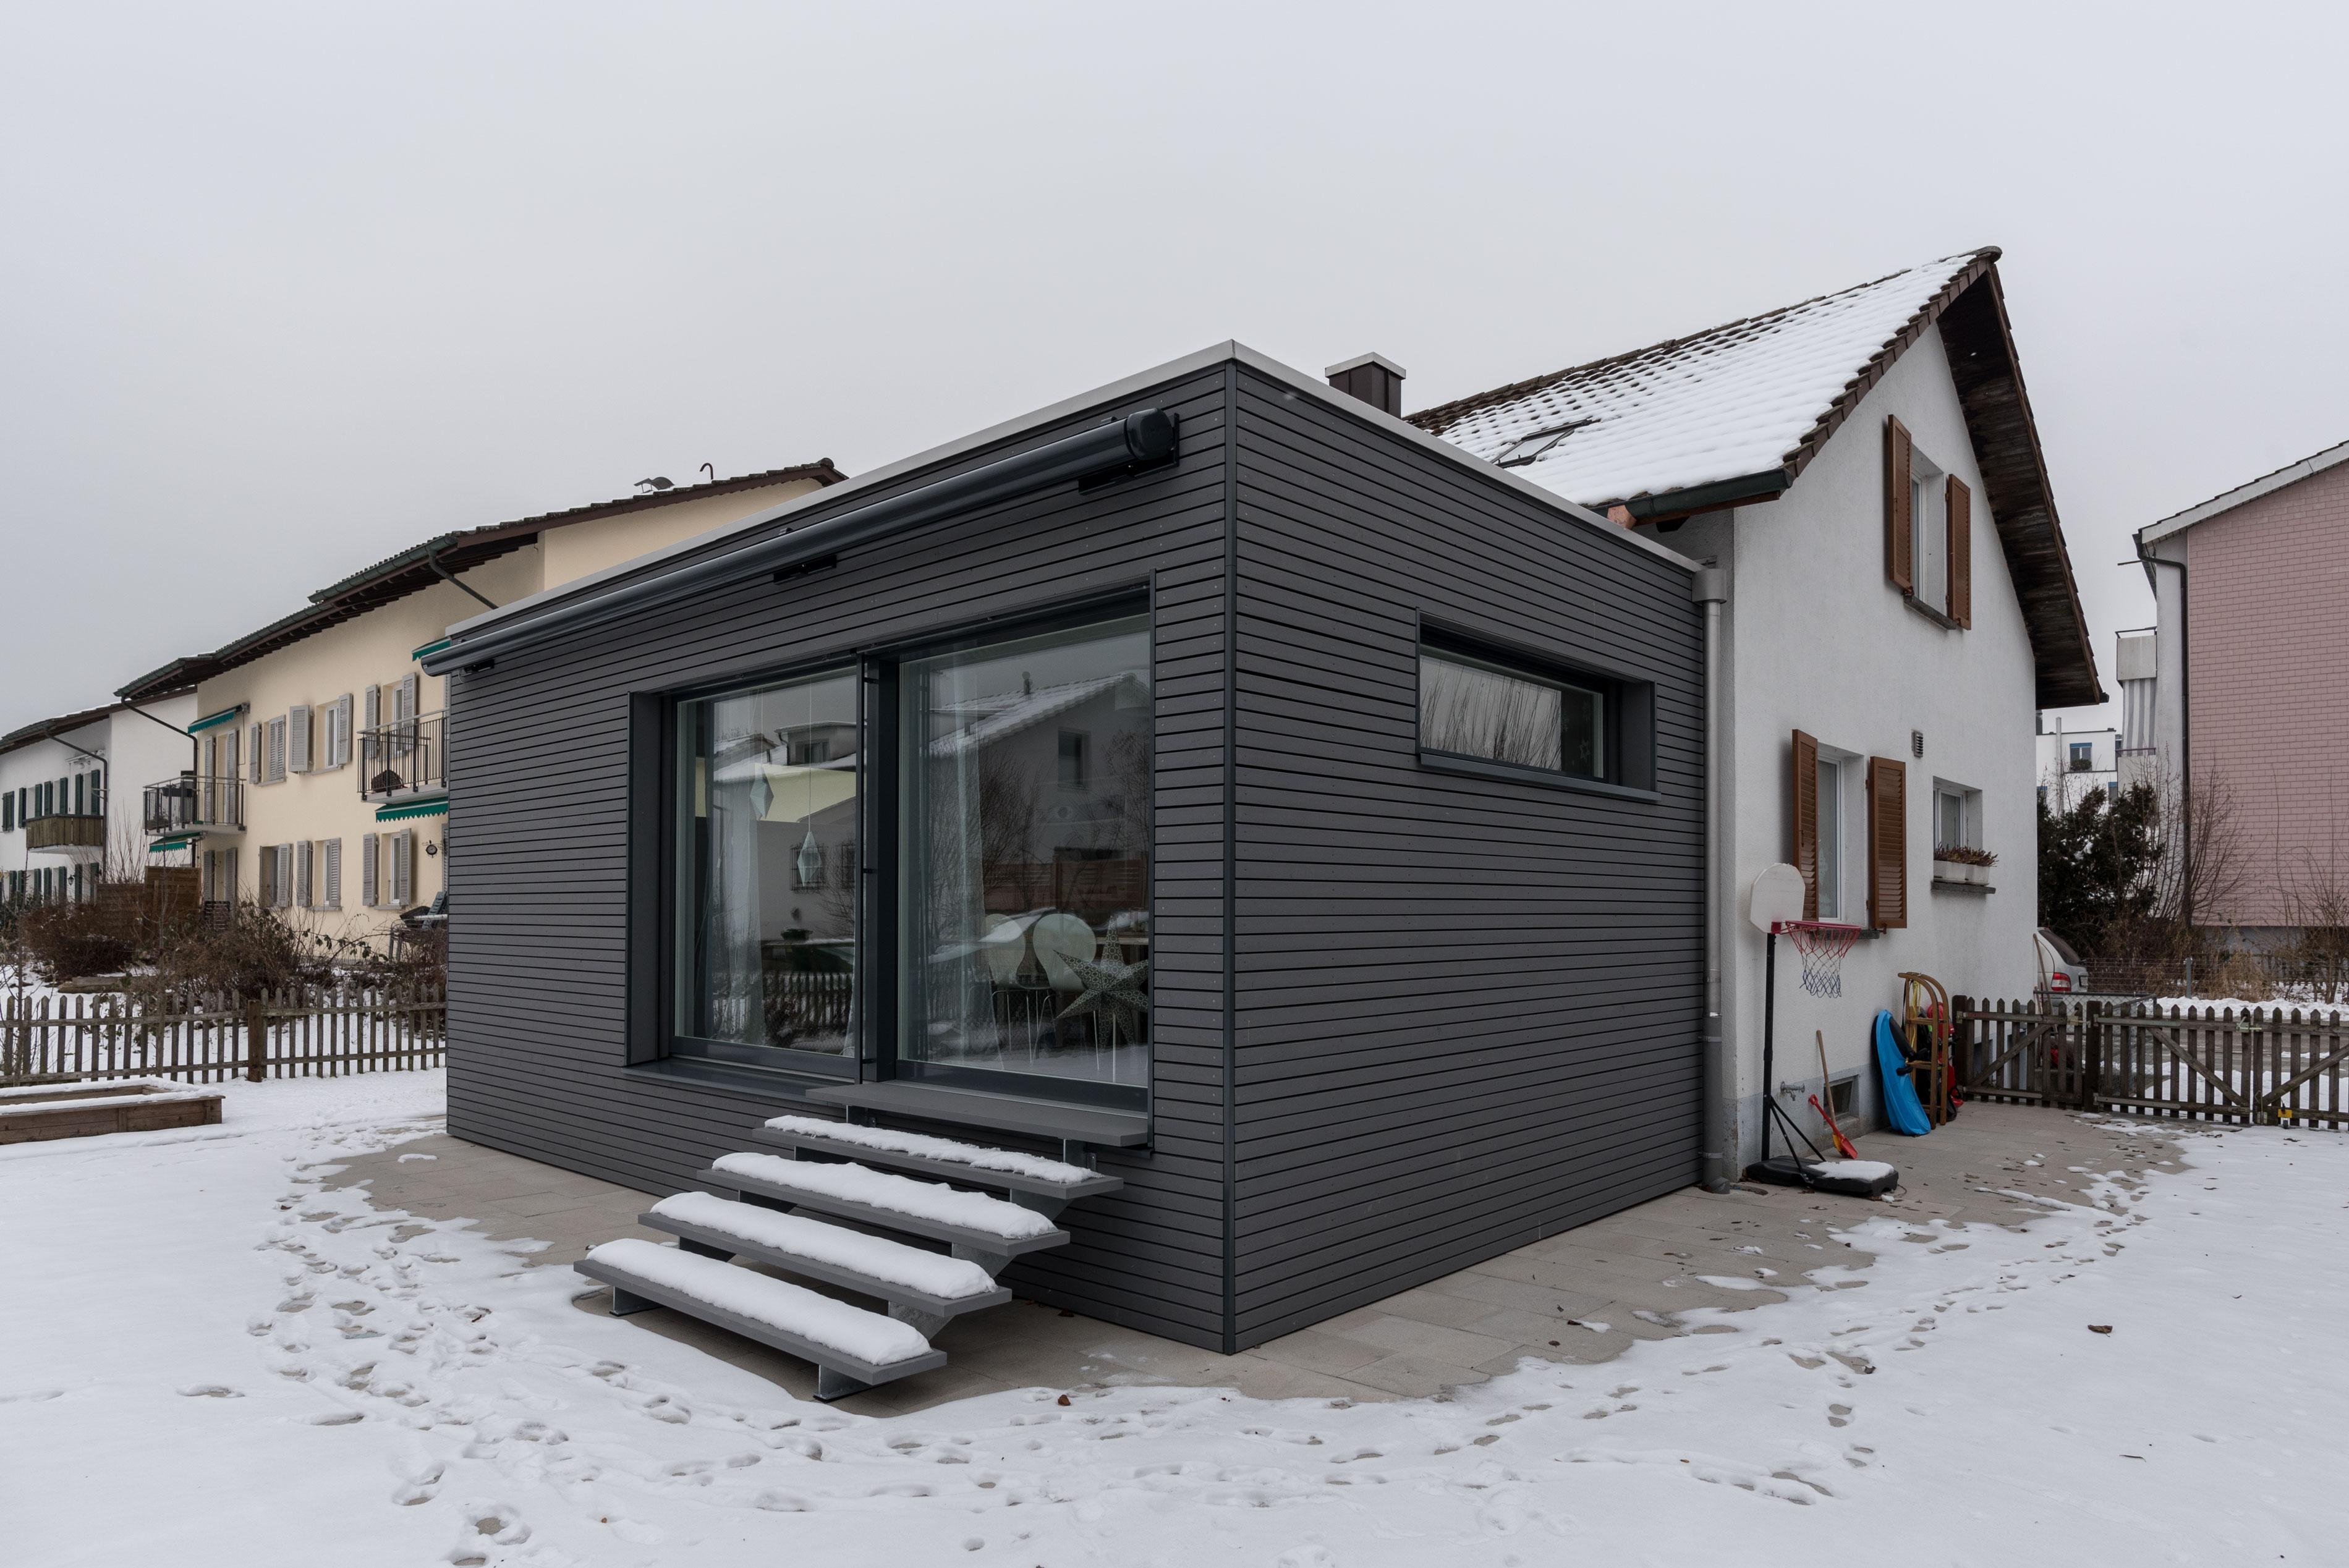 Wohnraumerweiterung